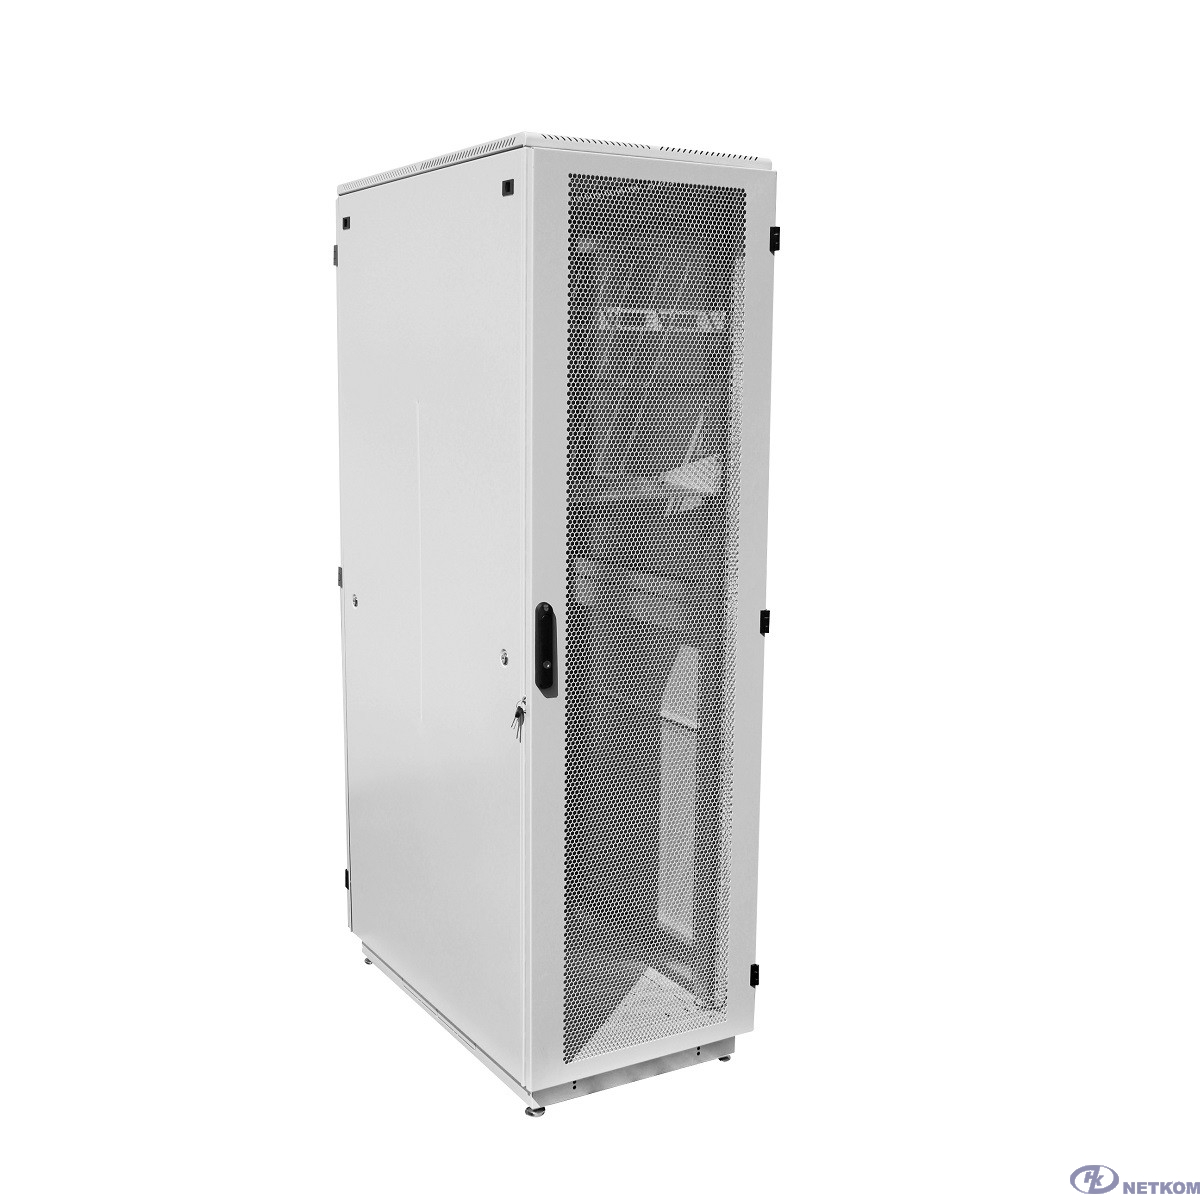 ЦМО Шкаф телекоммуникационный напольный 33U (600x1000) дверь перфорированная 2 шт (ШТК-М-33.6.10-44АА) (3 коробки)